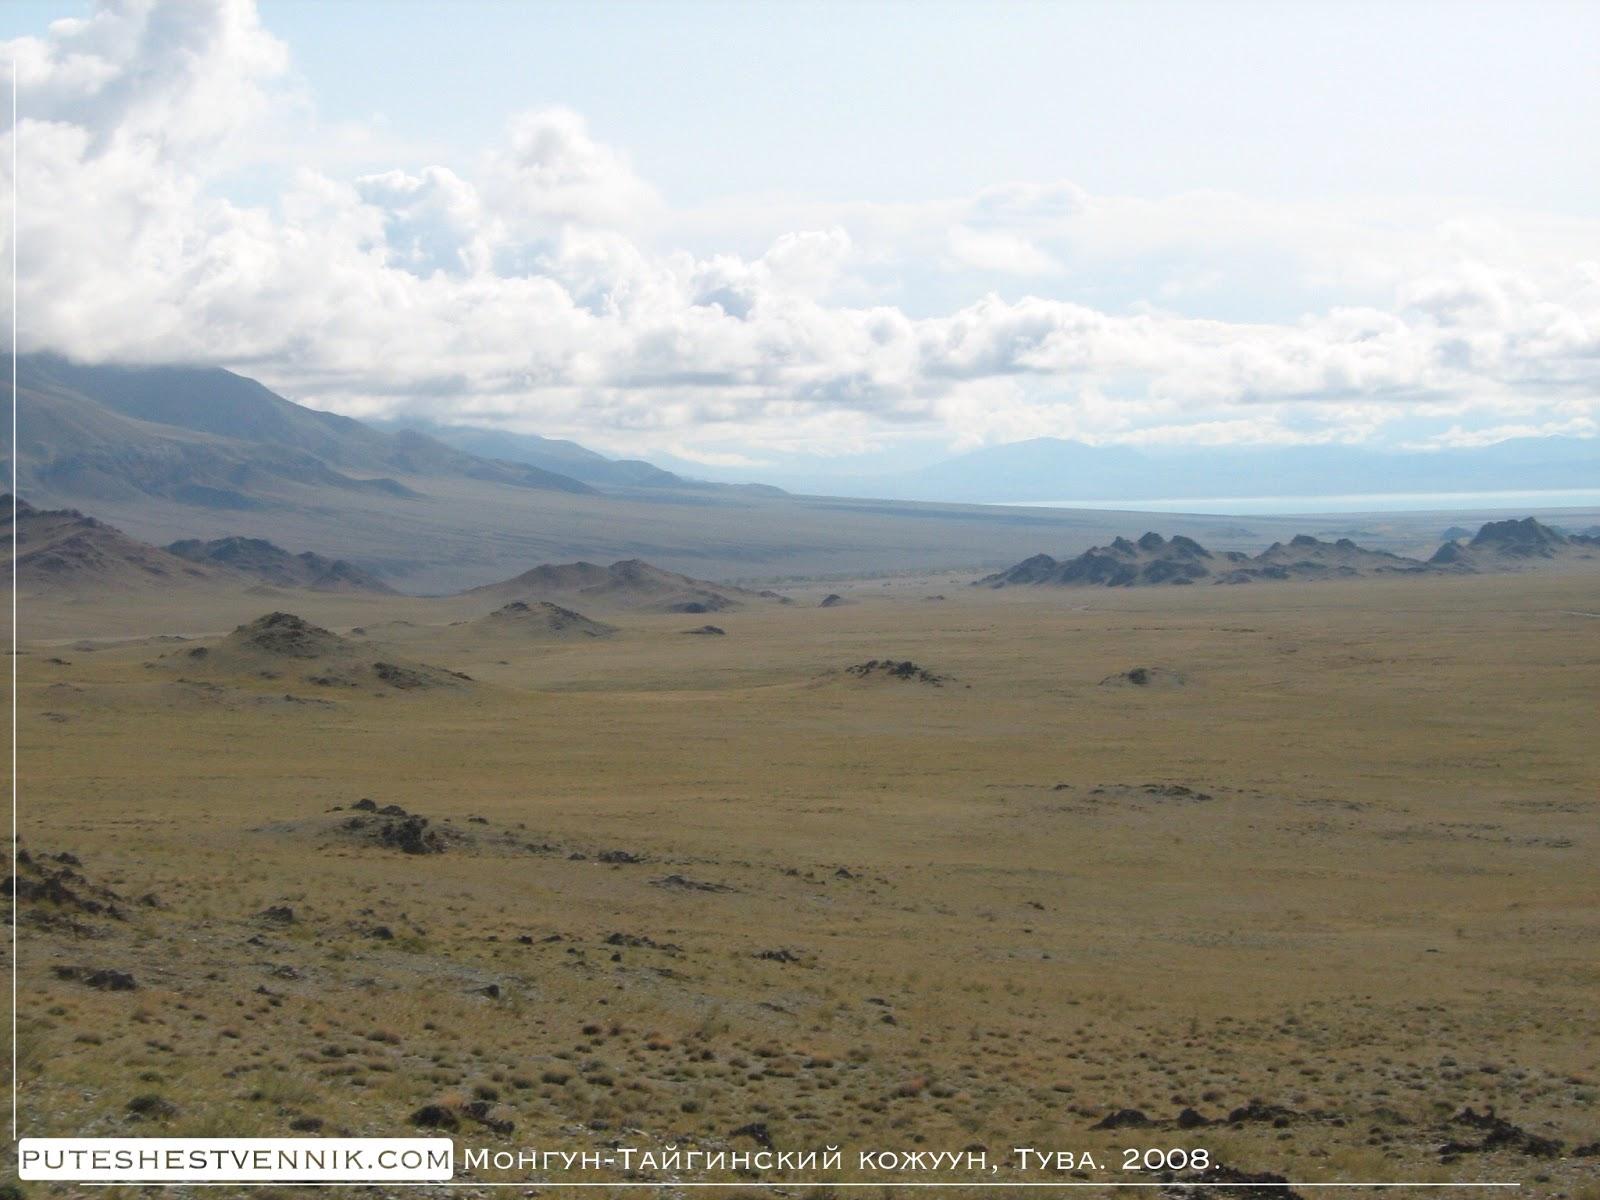 Равнина и горы в Туве